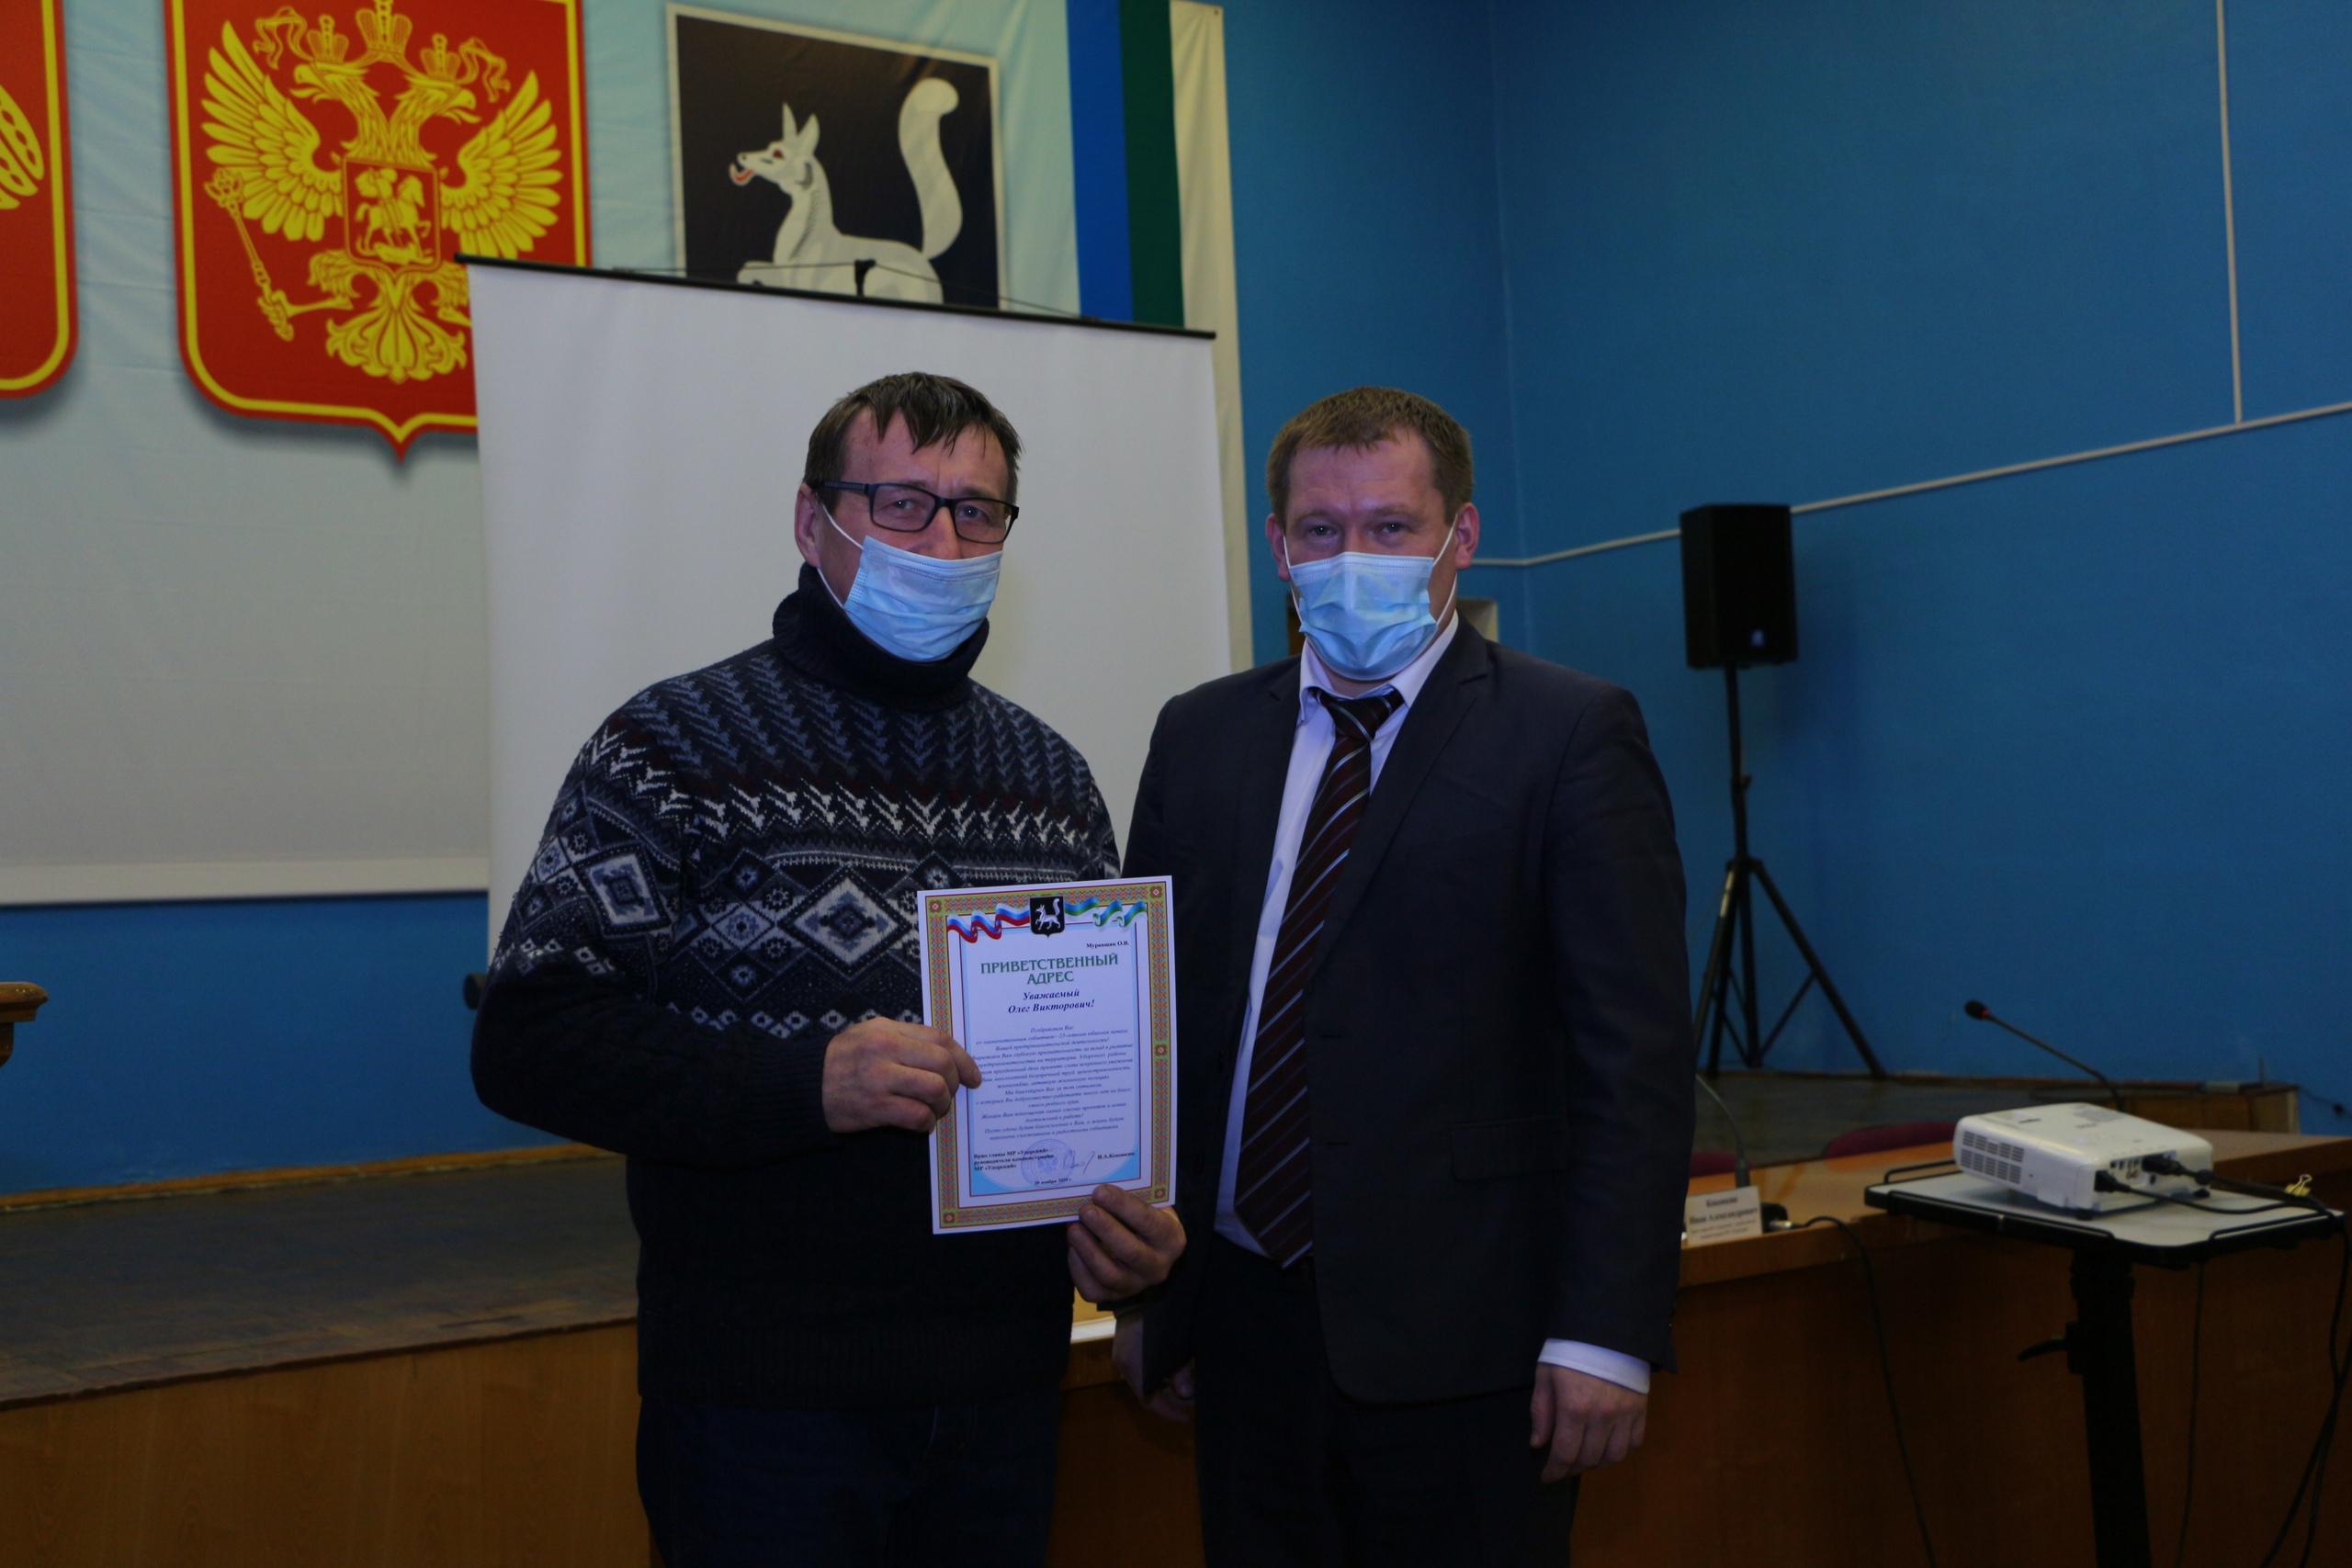 Предпринимателей Удорского района поздравили с юбилеем профессиональной деятельности